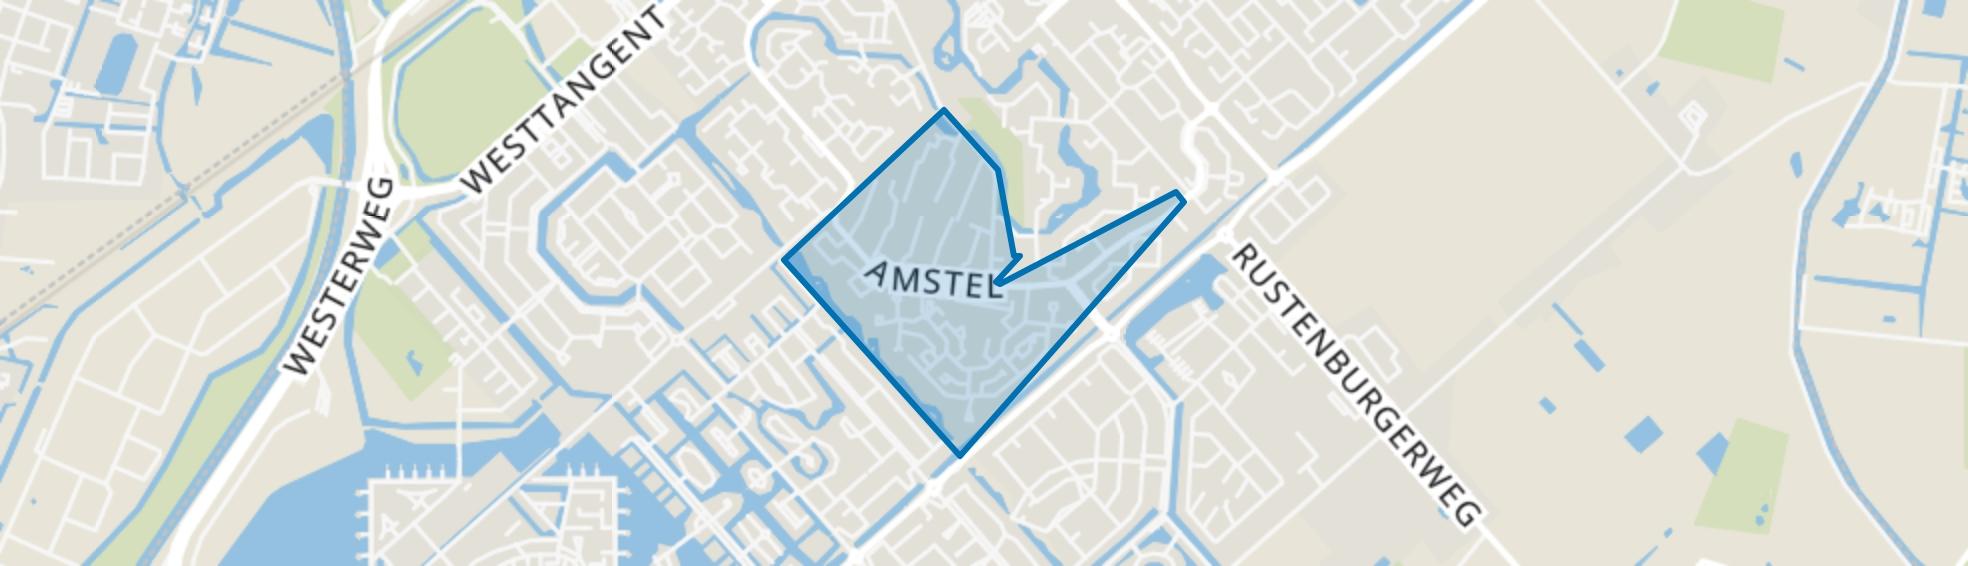 Rivierenwijk, Heerhugowaard map